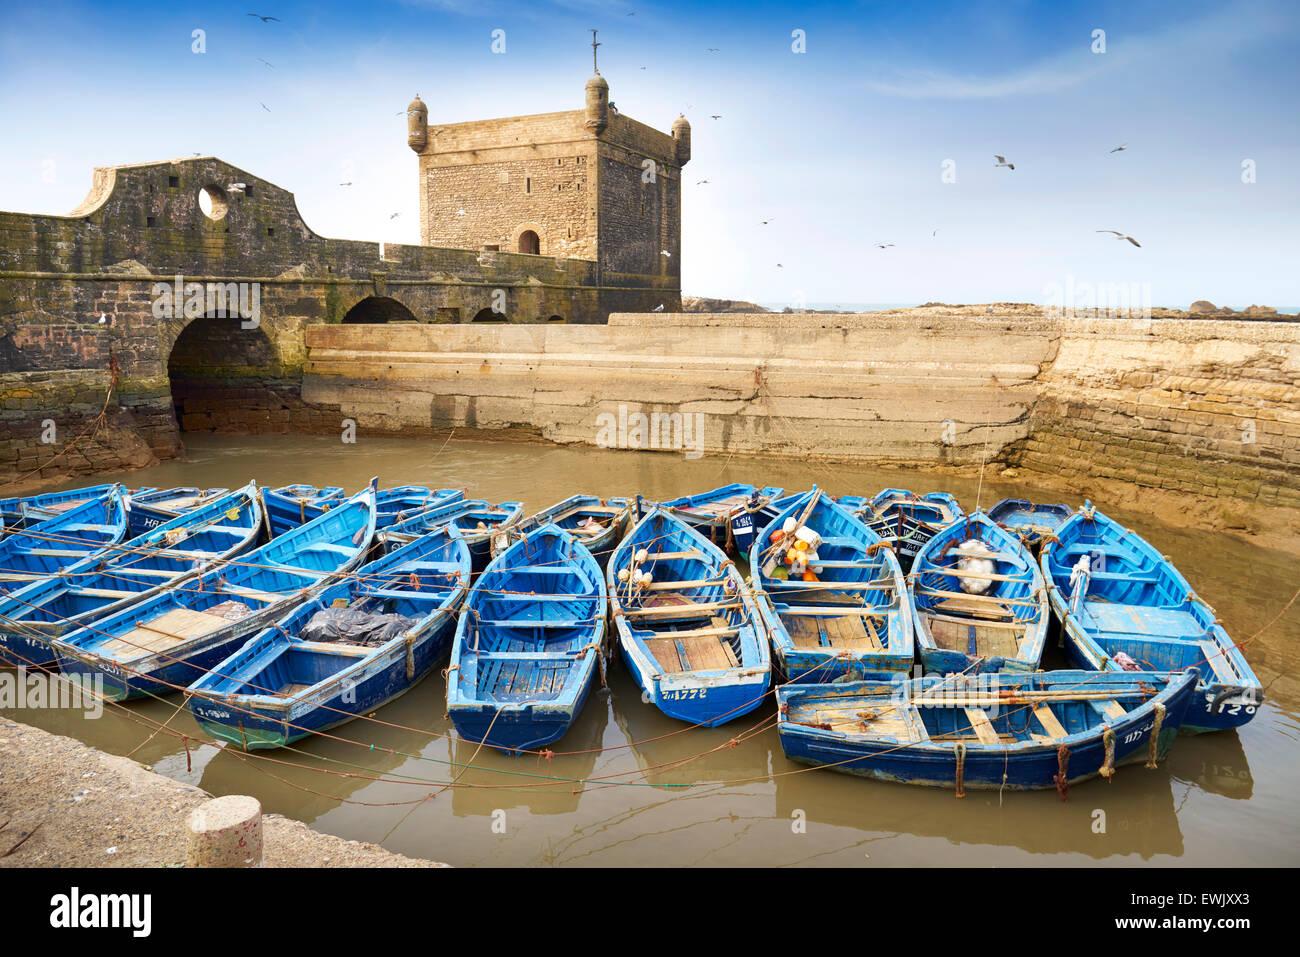 Blu barche da pesca nel porto di Essaouira, Marocco Immagini Stock